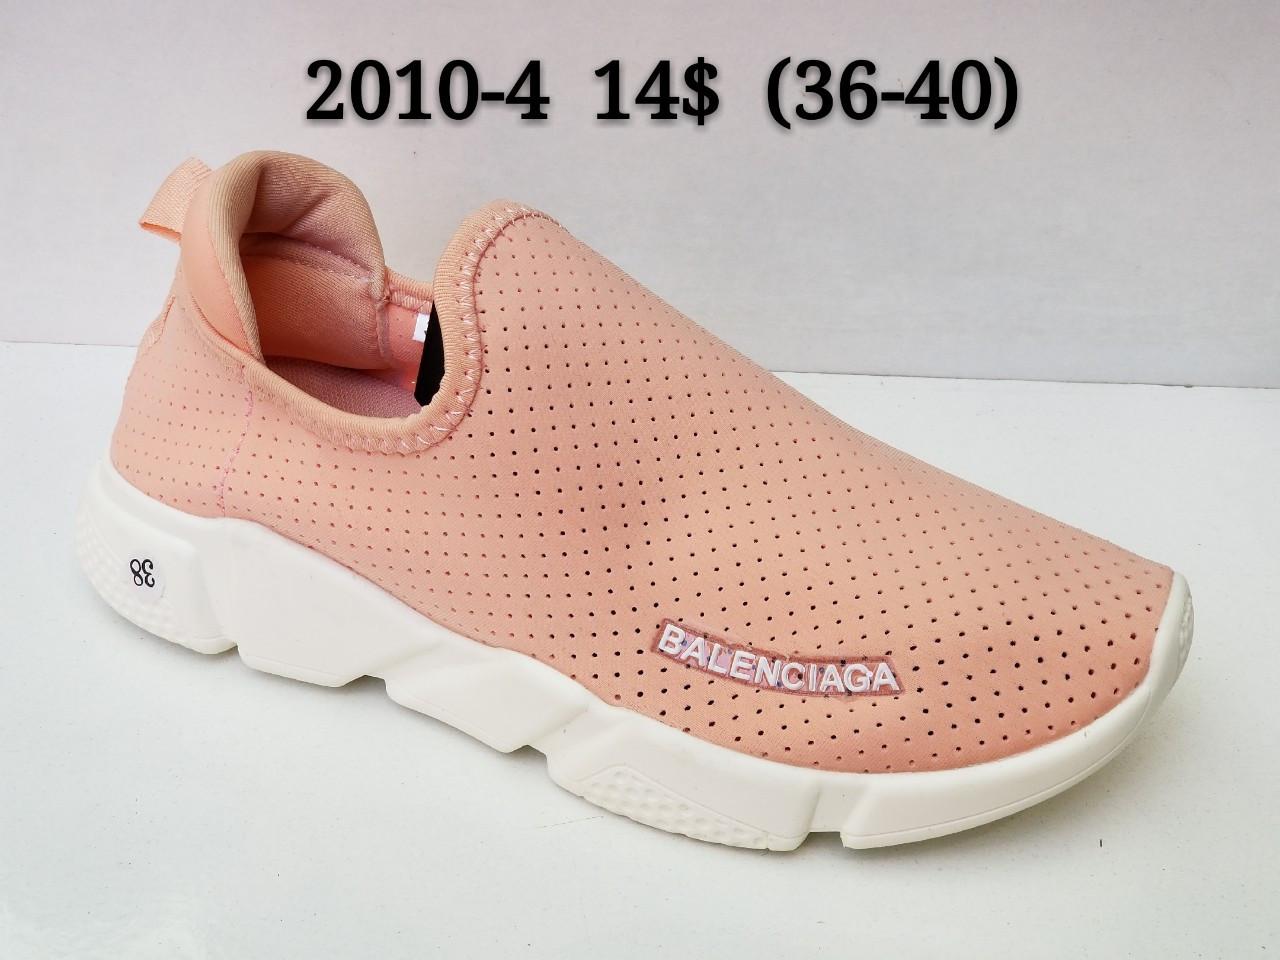 Підліткові кросівки Balenciaga оптом (36-40)